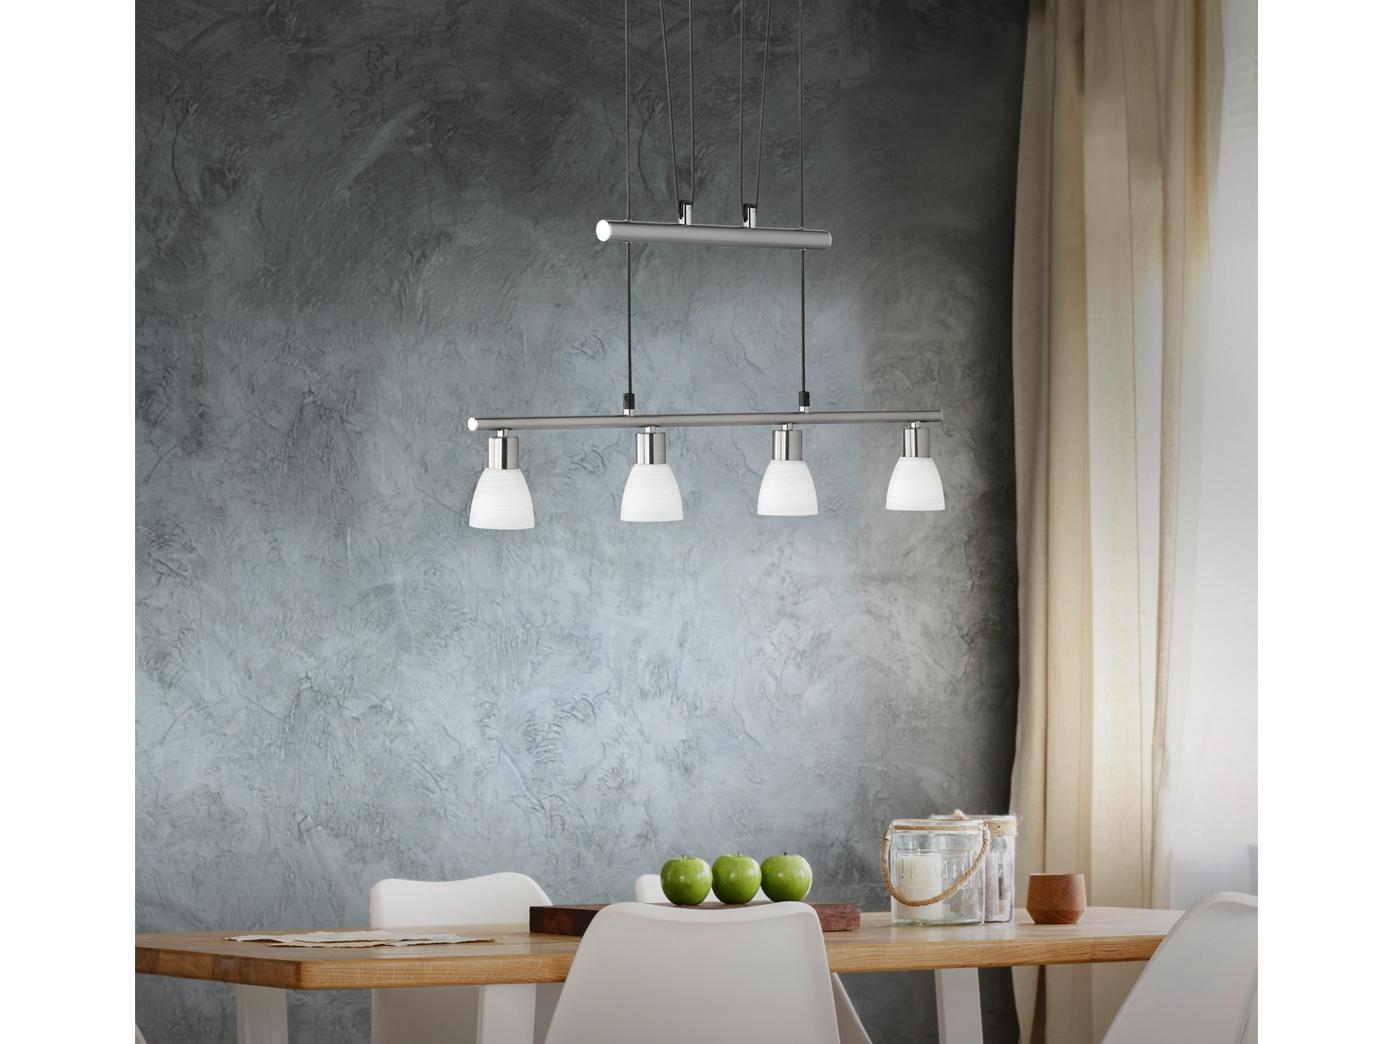 Trio Carico höhenverstellbar Pendelleuchte LED Hängeleuchte